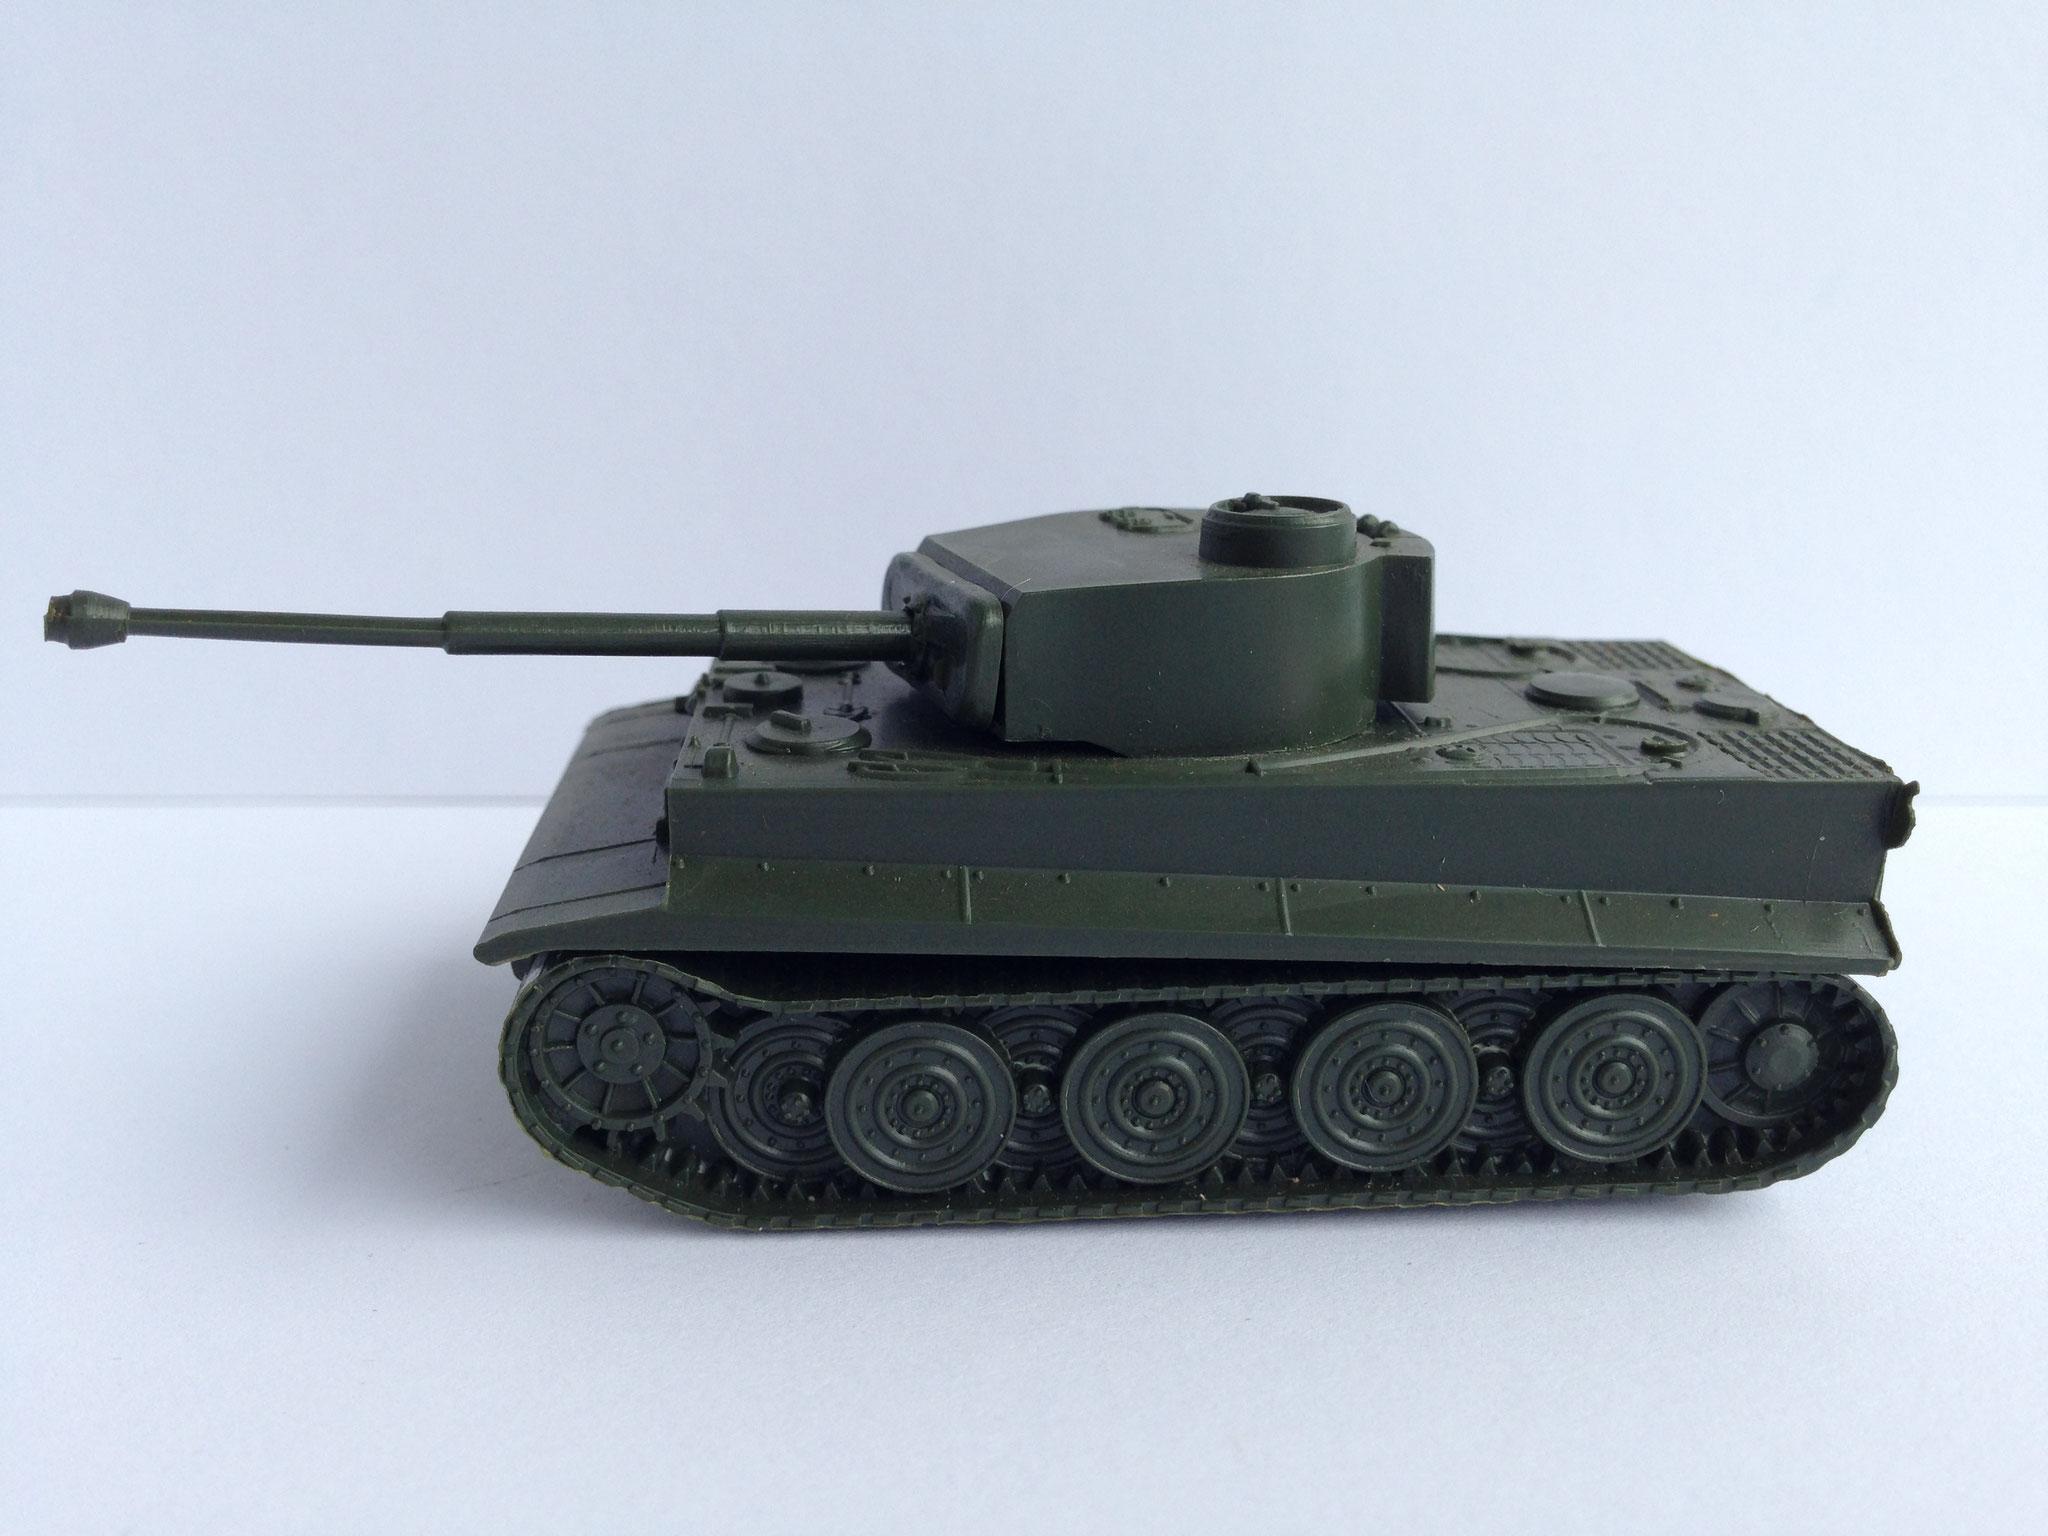 Tiger I E, schwerer Panzer der ehem. Deutschen Wehrmacht, Art. Nr. 50 (ab 1975 im Programm)